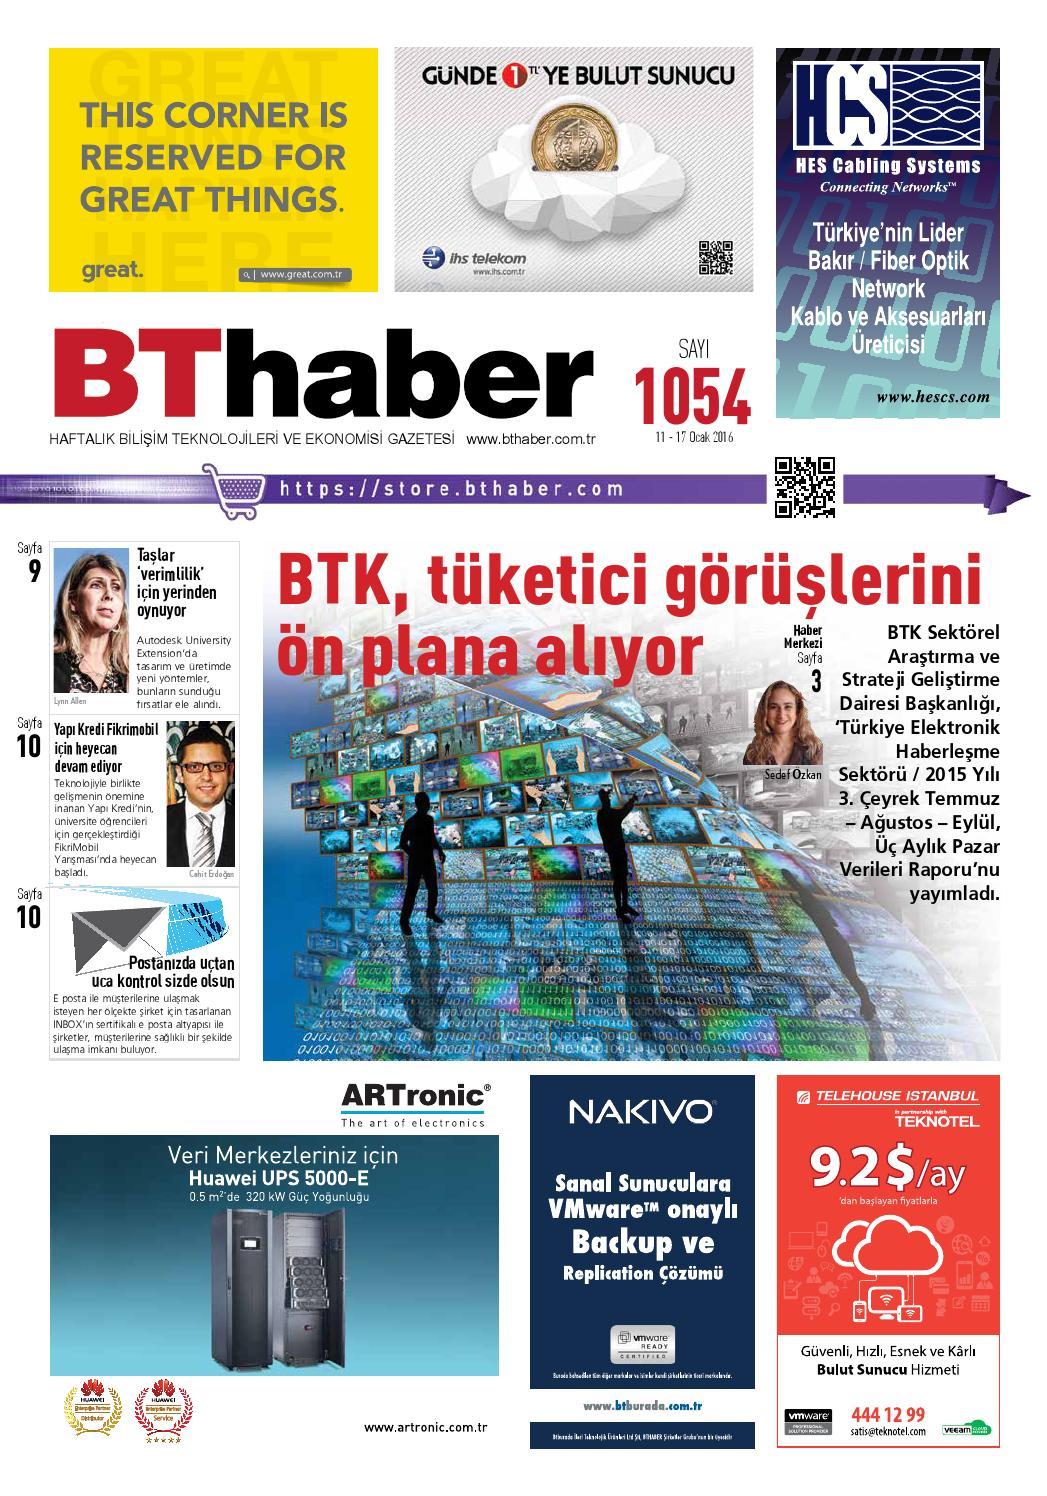 Telkoder Başkanı Arıak: Türk Telekom'un şebeke paylaşımı tasarruf sağlayacak 5